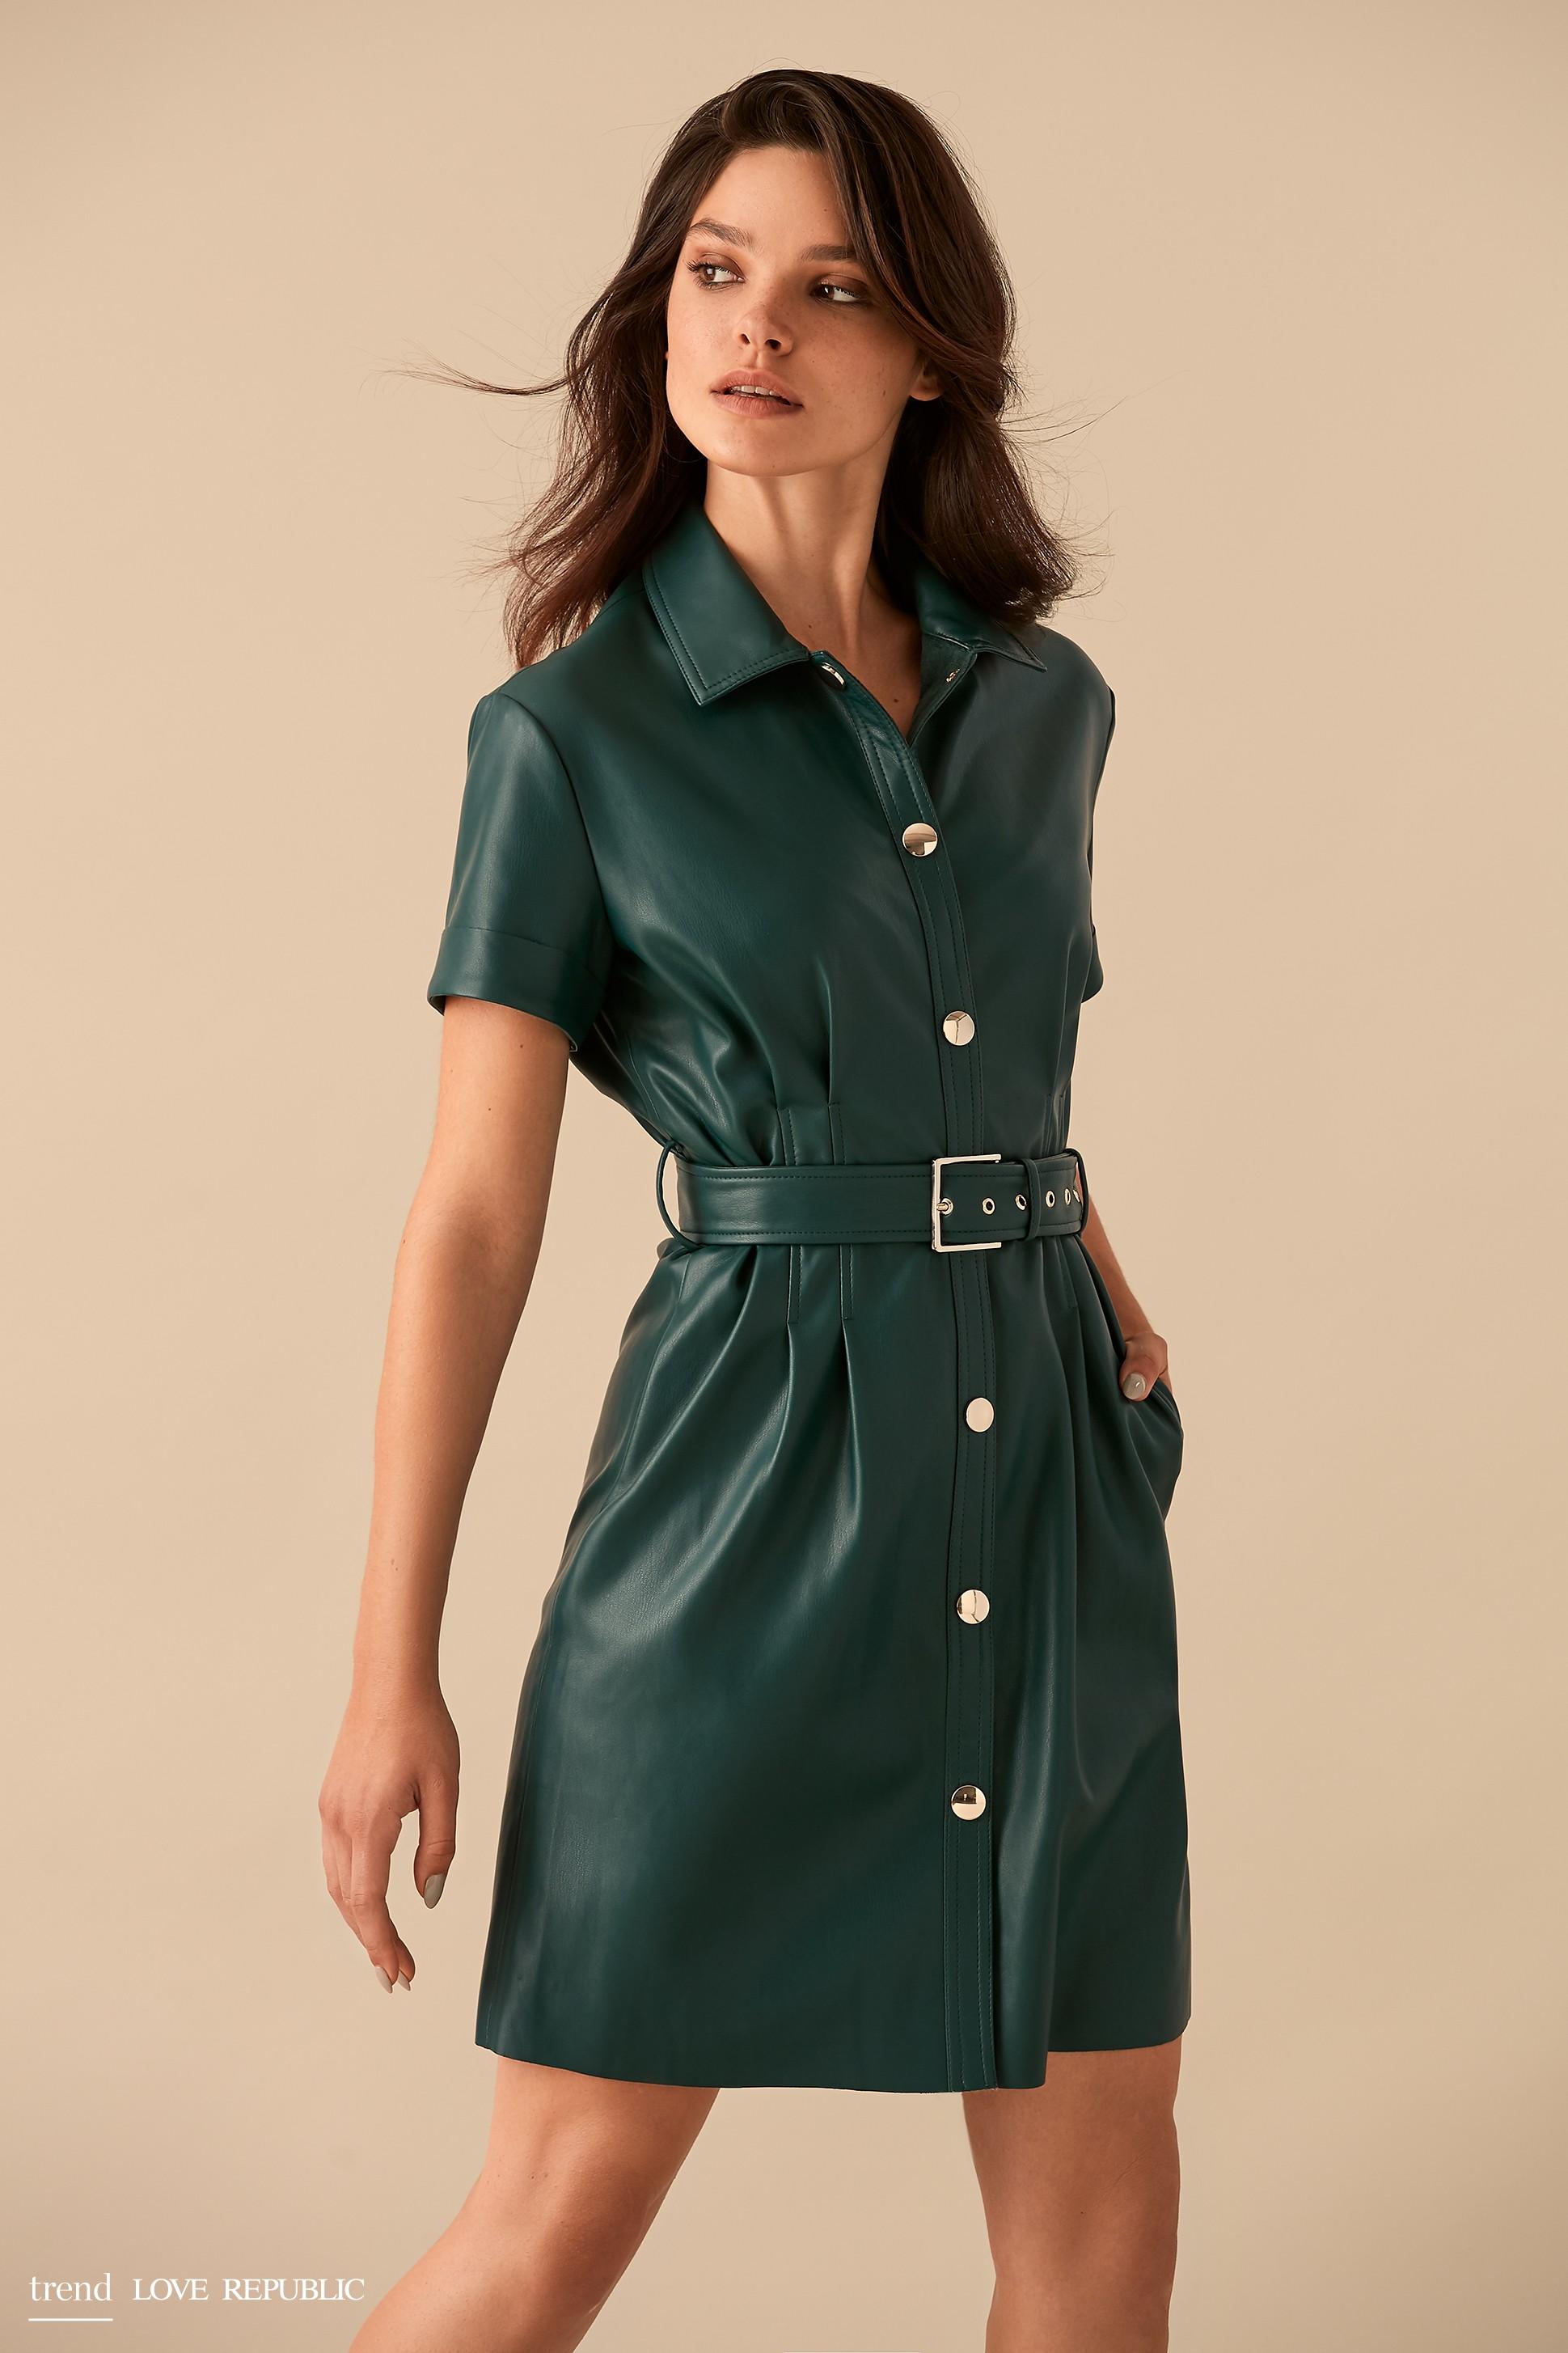 1c356541cb4e Купить красивое женское платье - интернет-магазин «Love Republic»